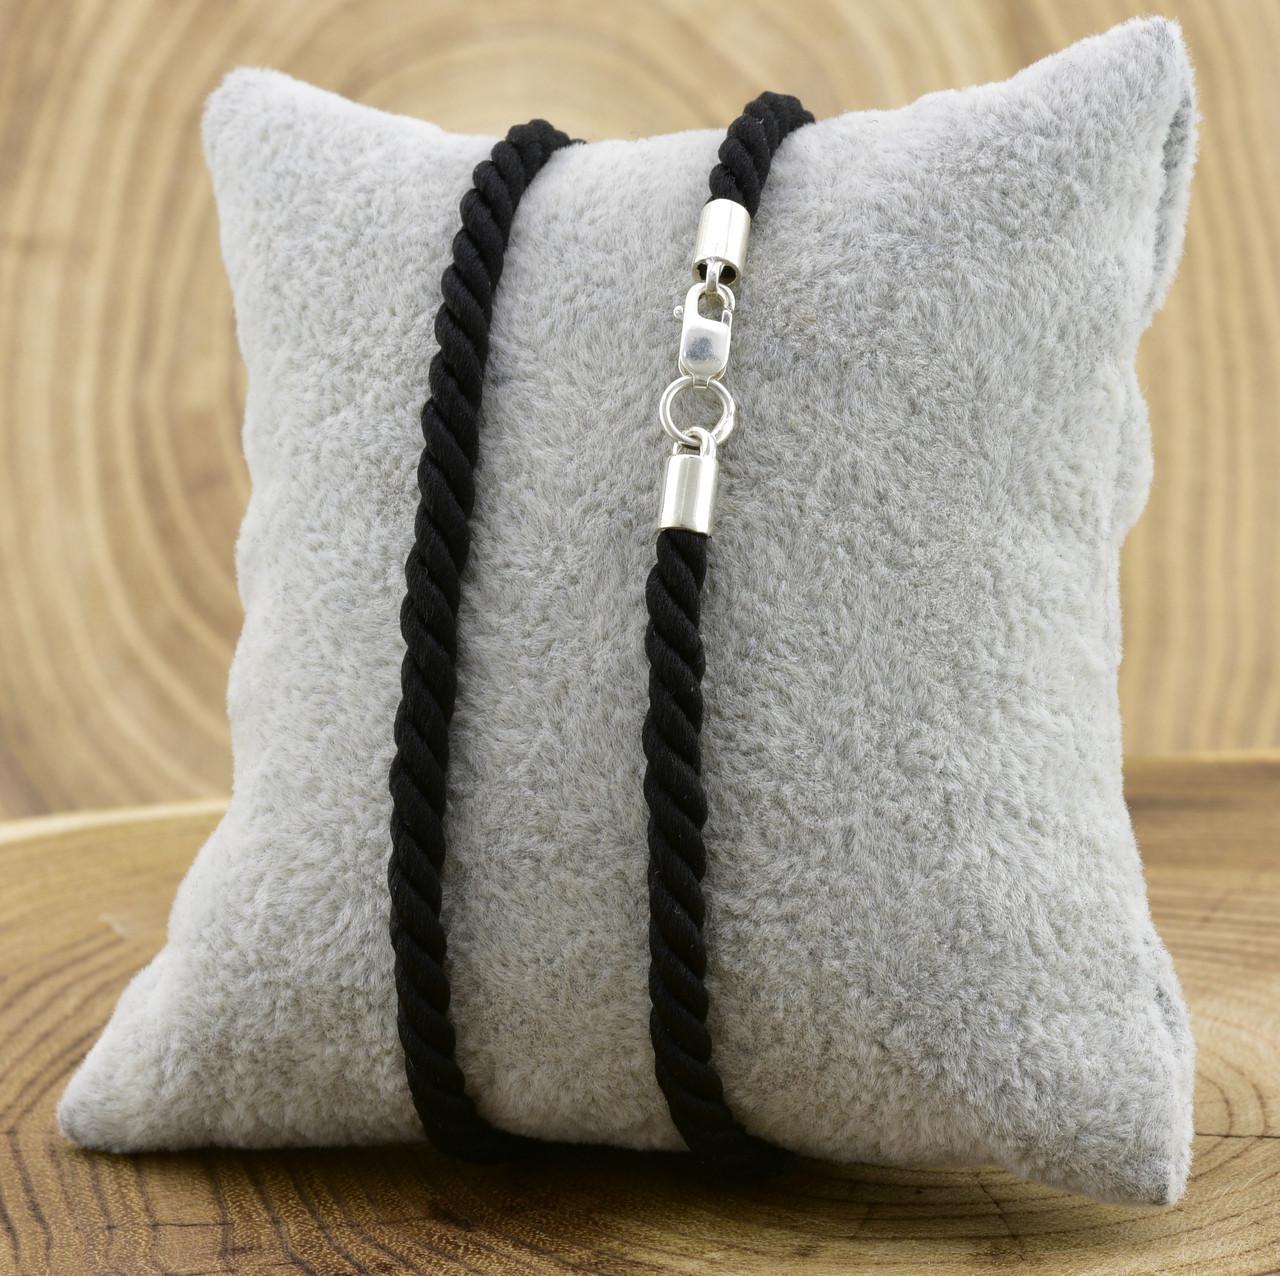 Шнурок плетённый шелковый цвет чёрный длина 40 см ширина 3 мм вес серебра 0.8 г